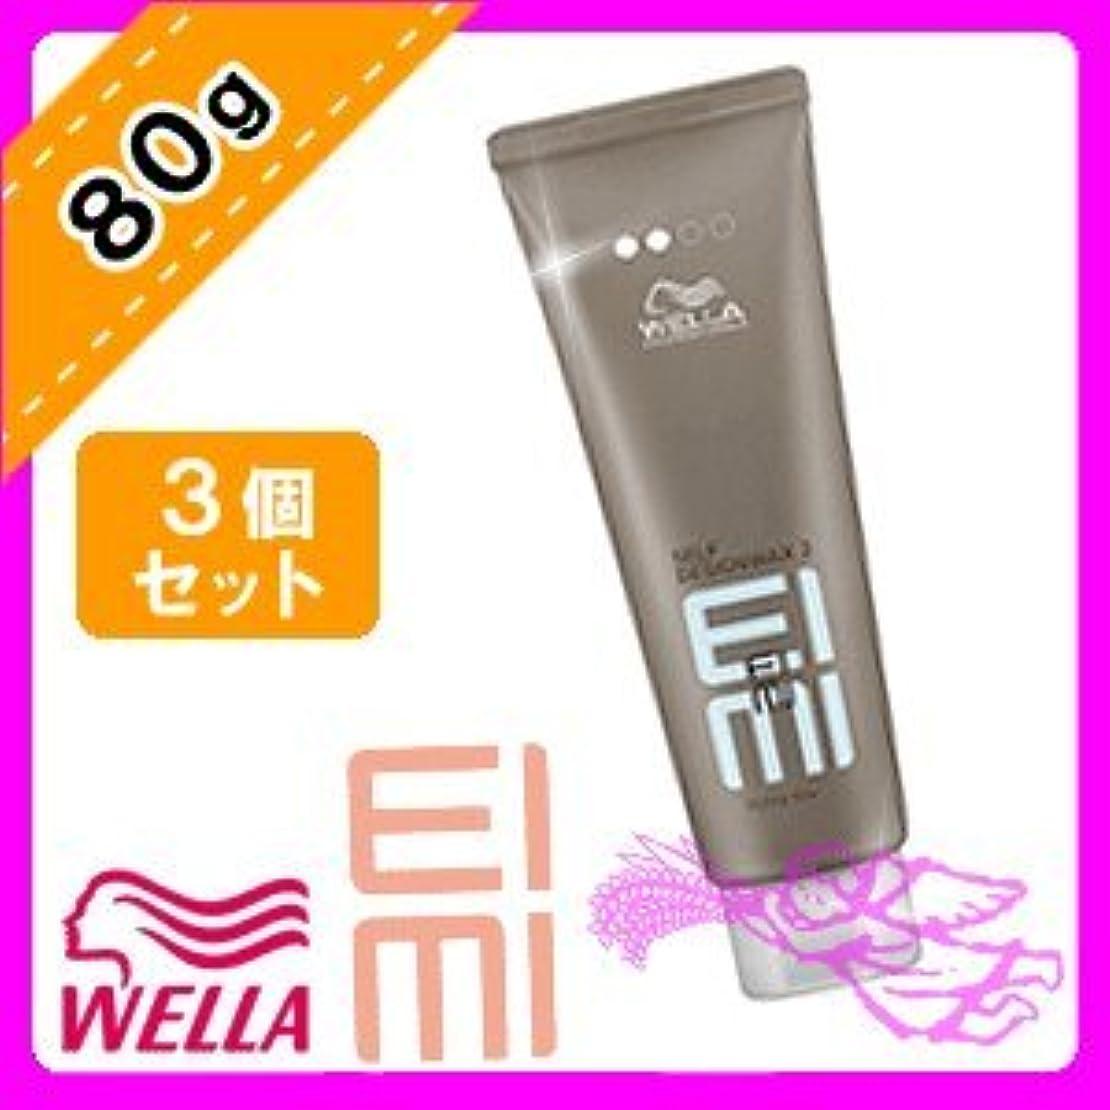 ウエラ EIMI(アイミィ) セルフデザインワックス2 80g ×3個 セット WELLA P&G